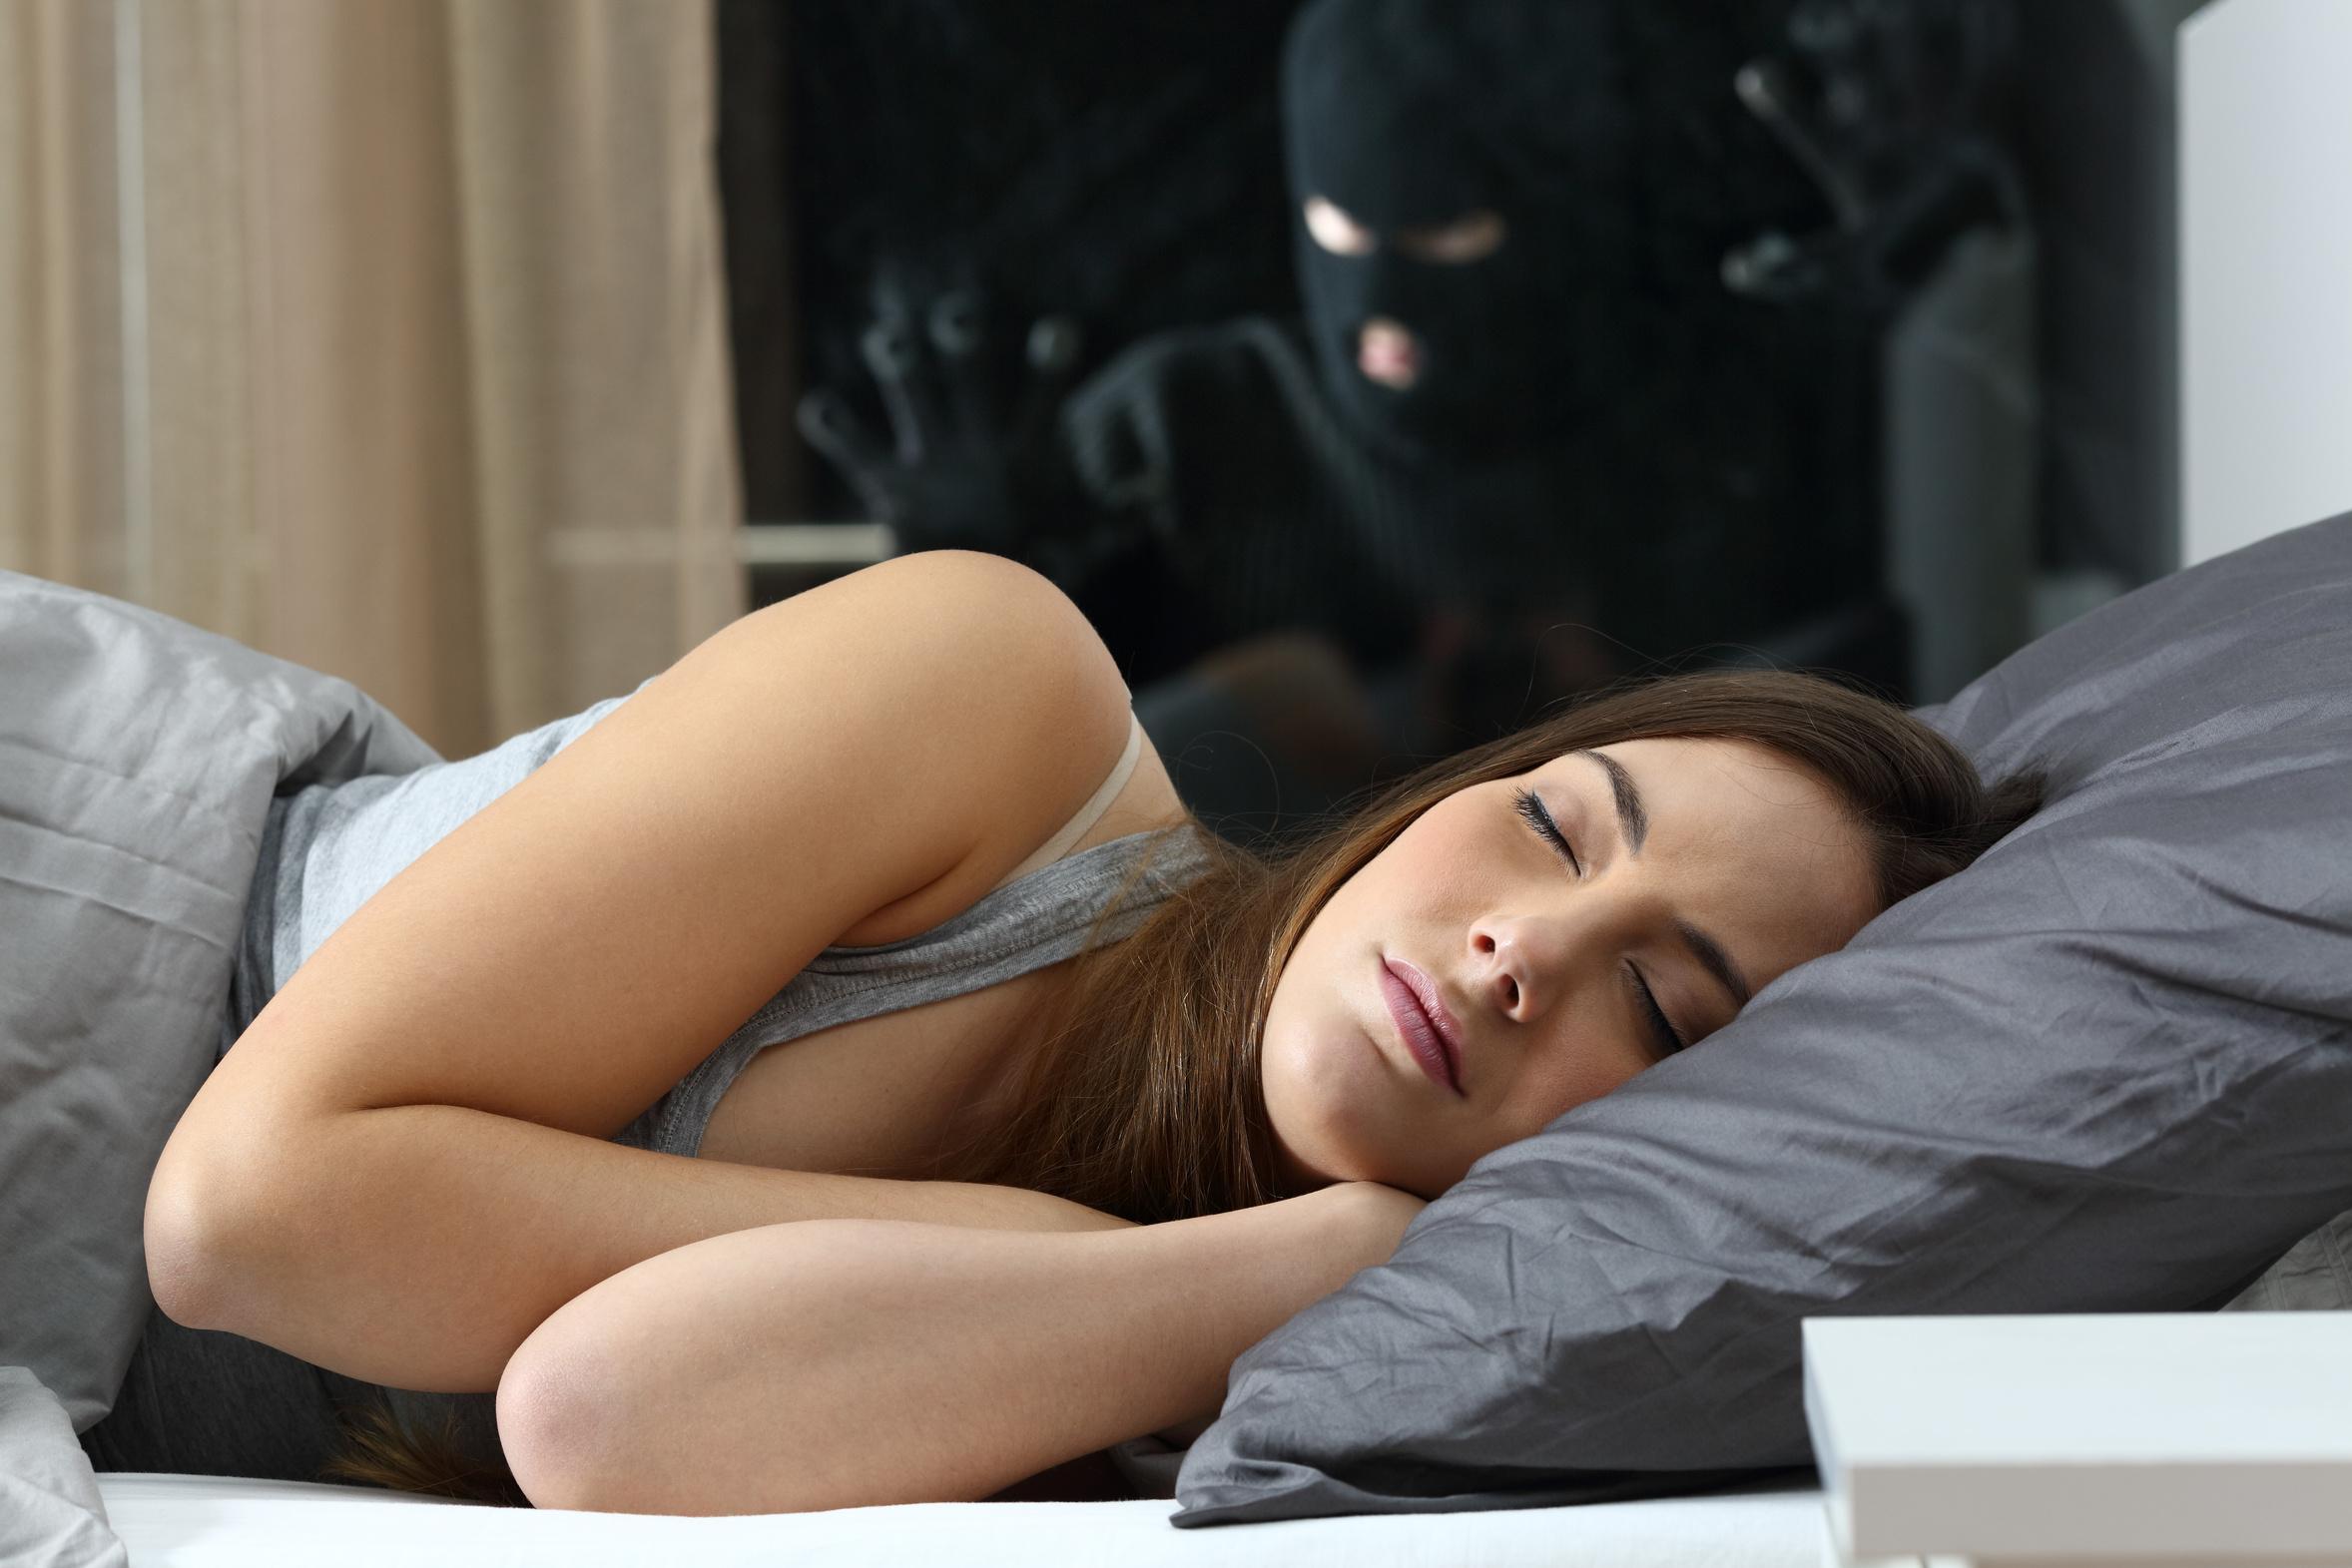 einbrecher-schlaf